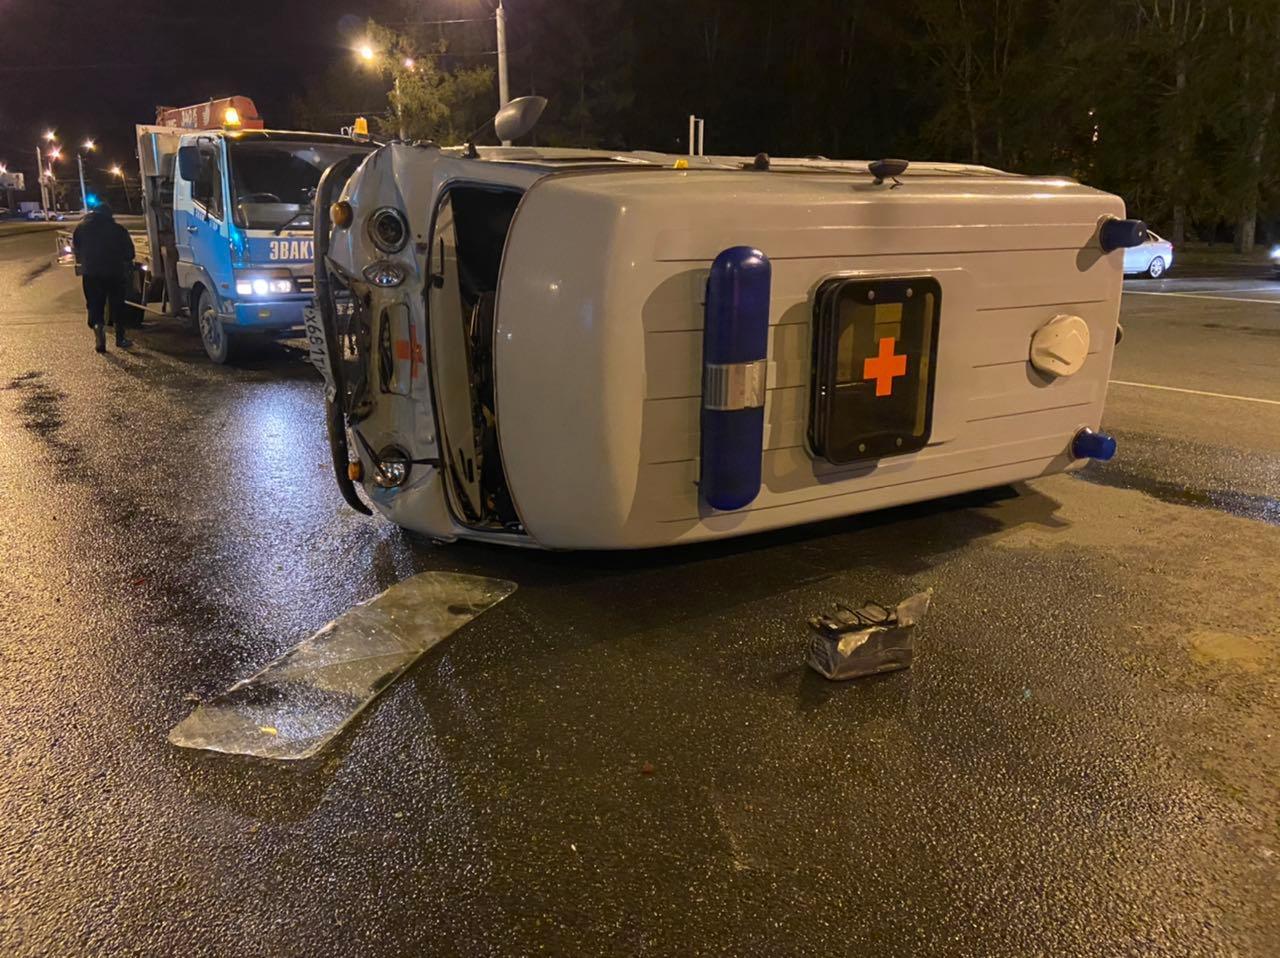 Водитель машины скорой помощи и фельдшер получили ушибы, пациентка не пострадала